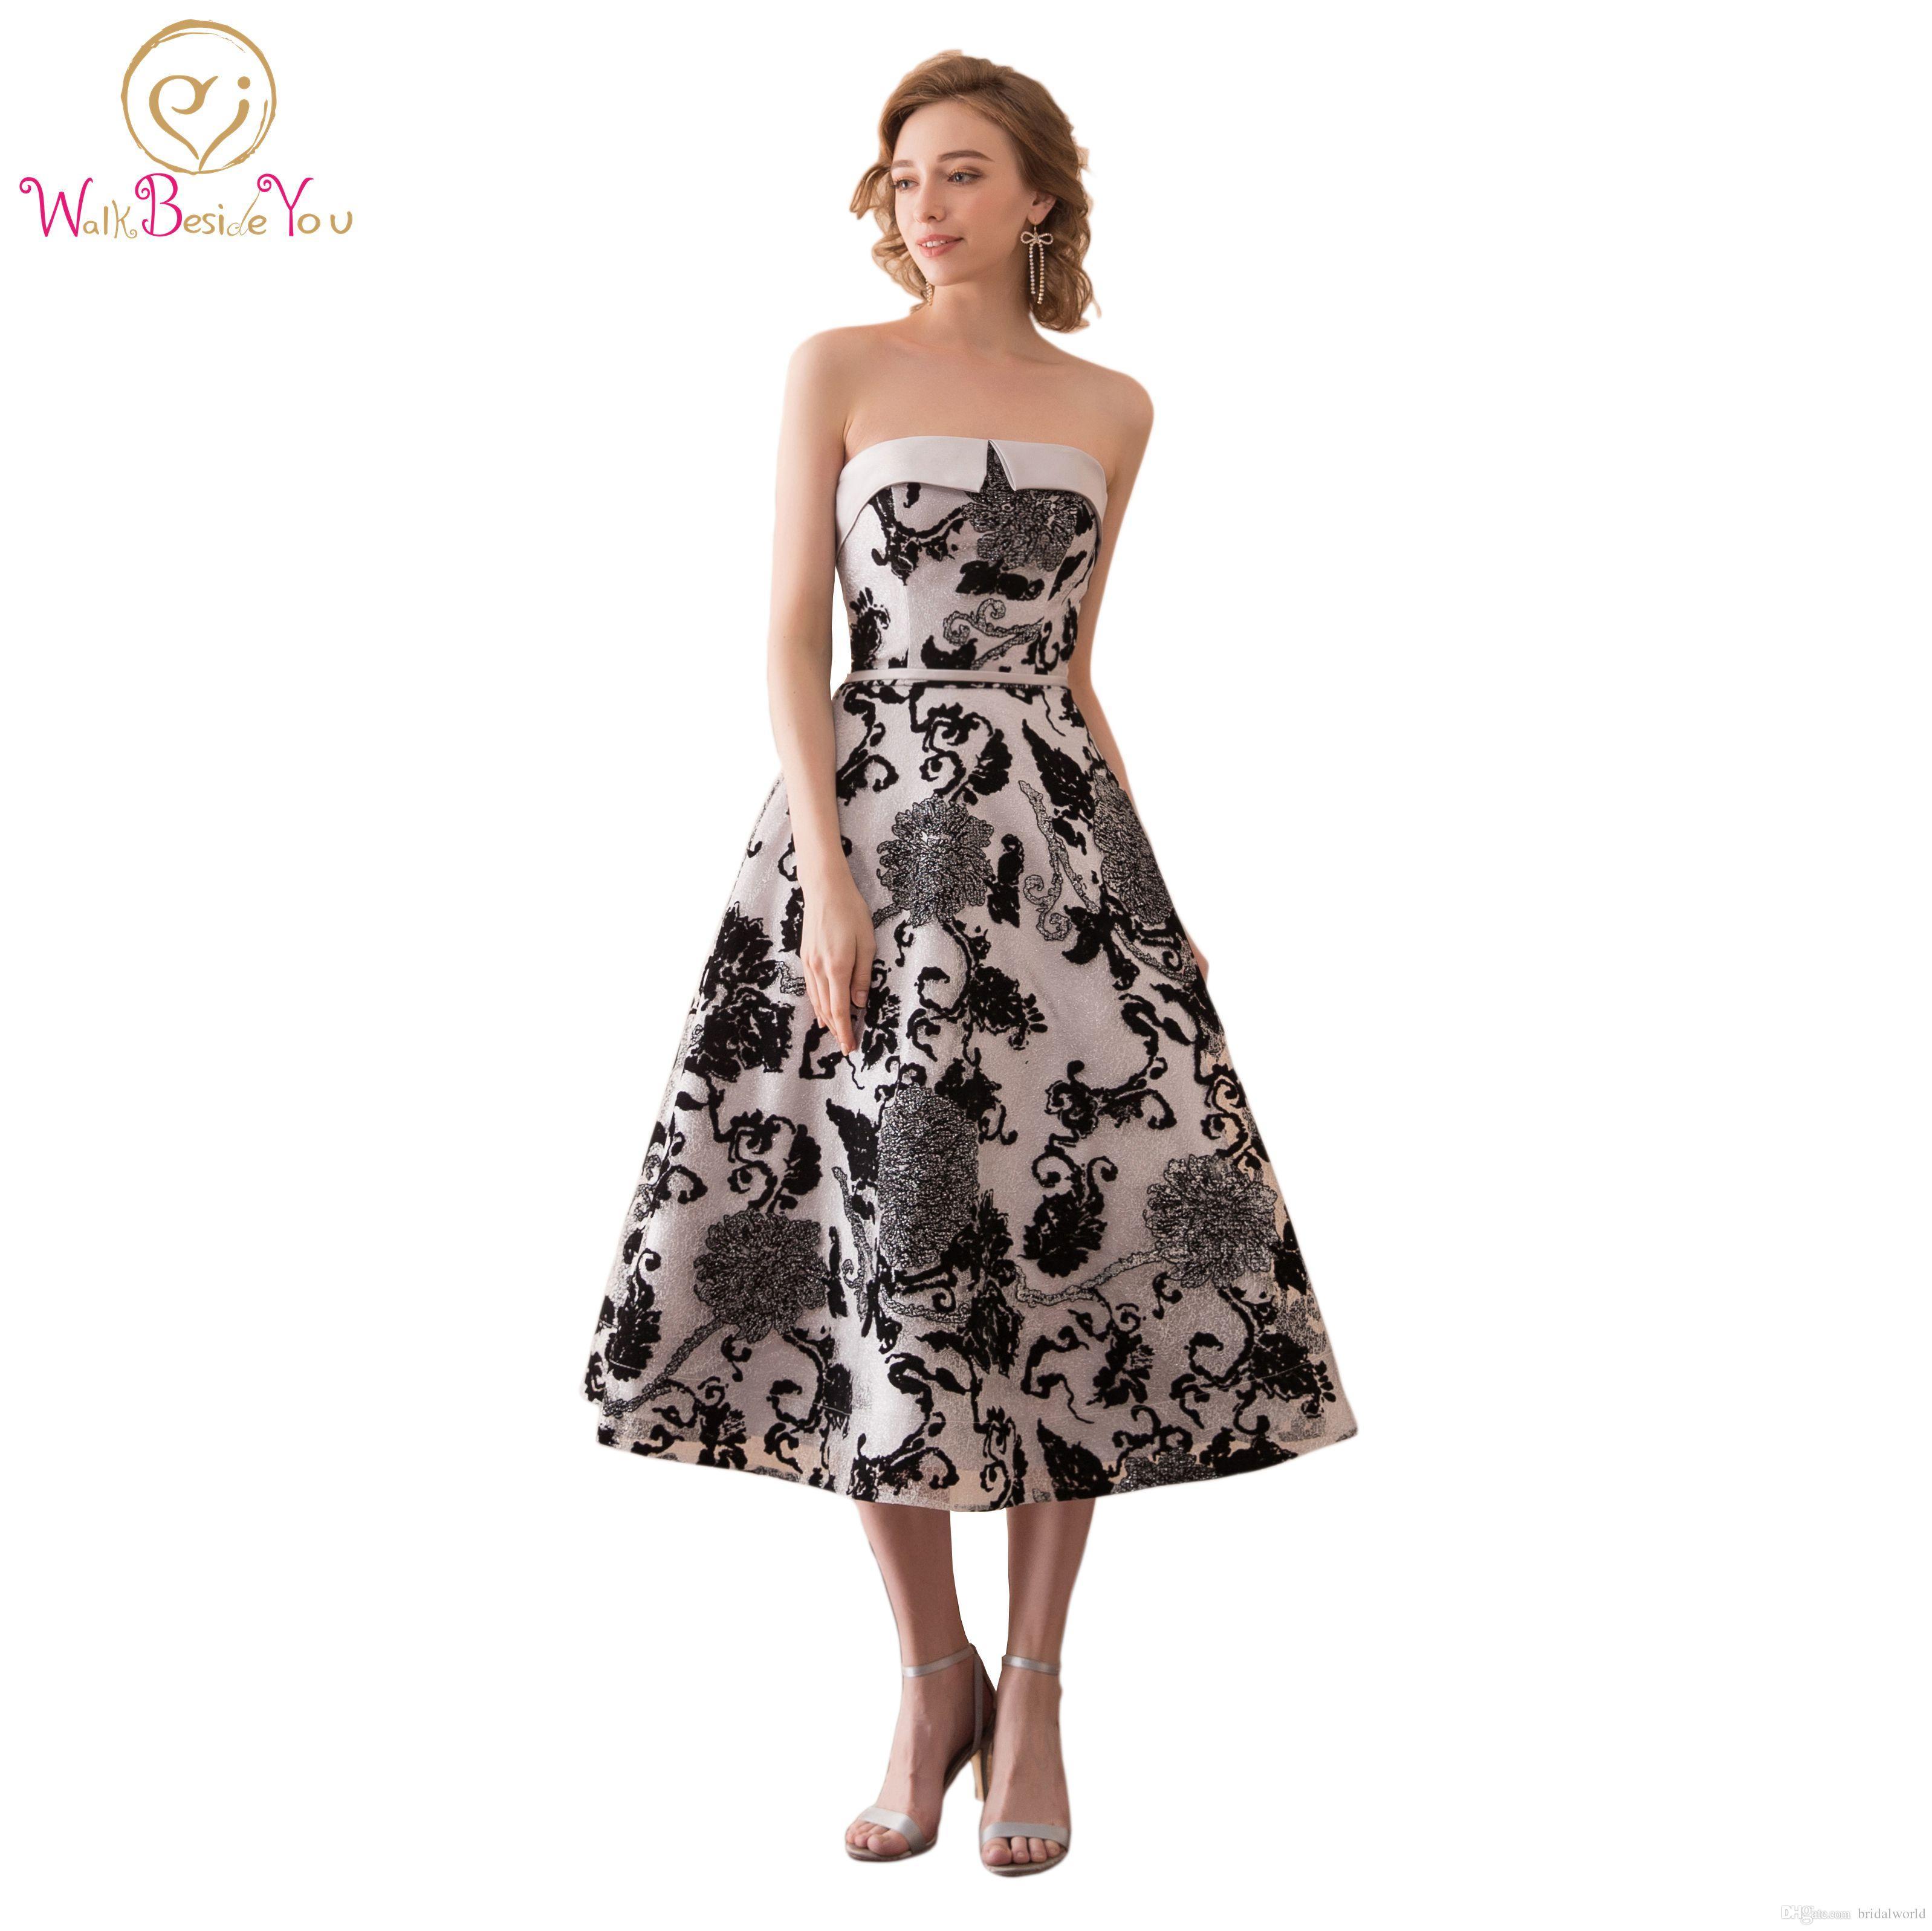 c26f6bd95c Walk Beside You Fashion Black Print Prom Dresses Strapless Vestidos De  Graduacion Cortos Vestidos De Formatura Tea Length Evening Gowns Short Blue  Prom ...